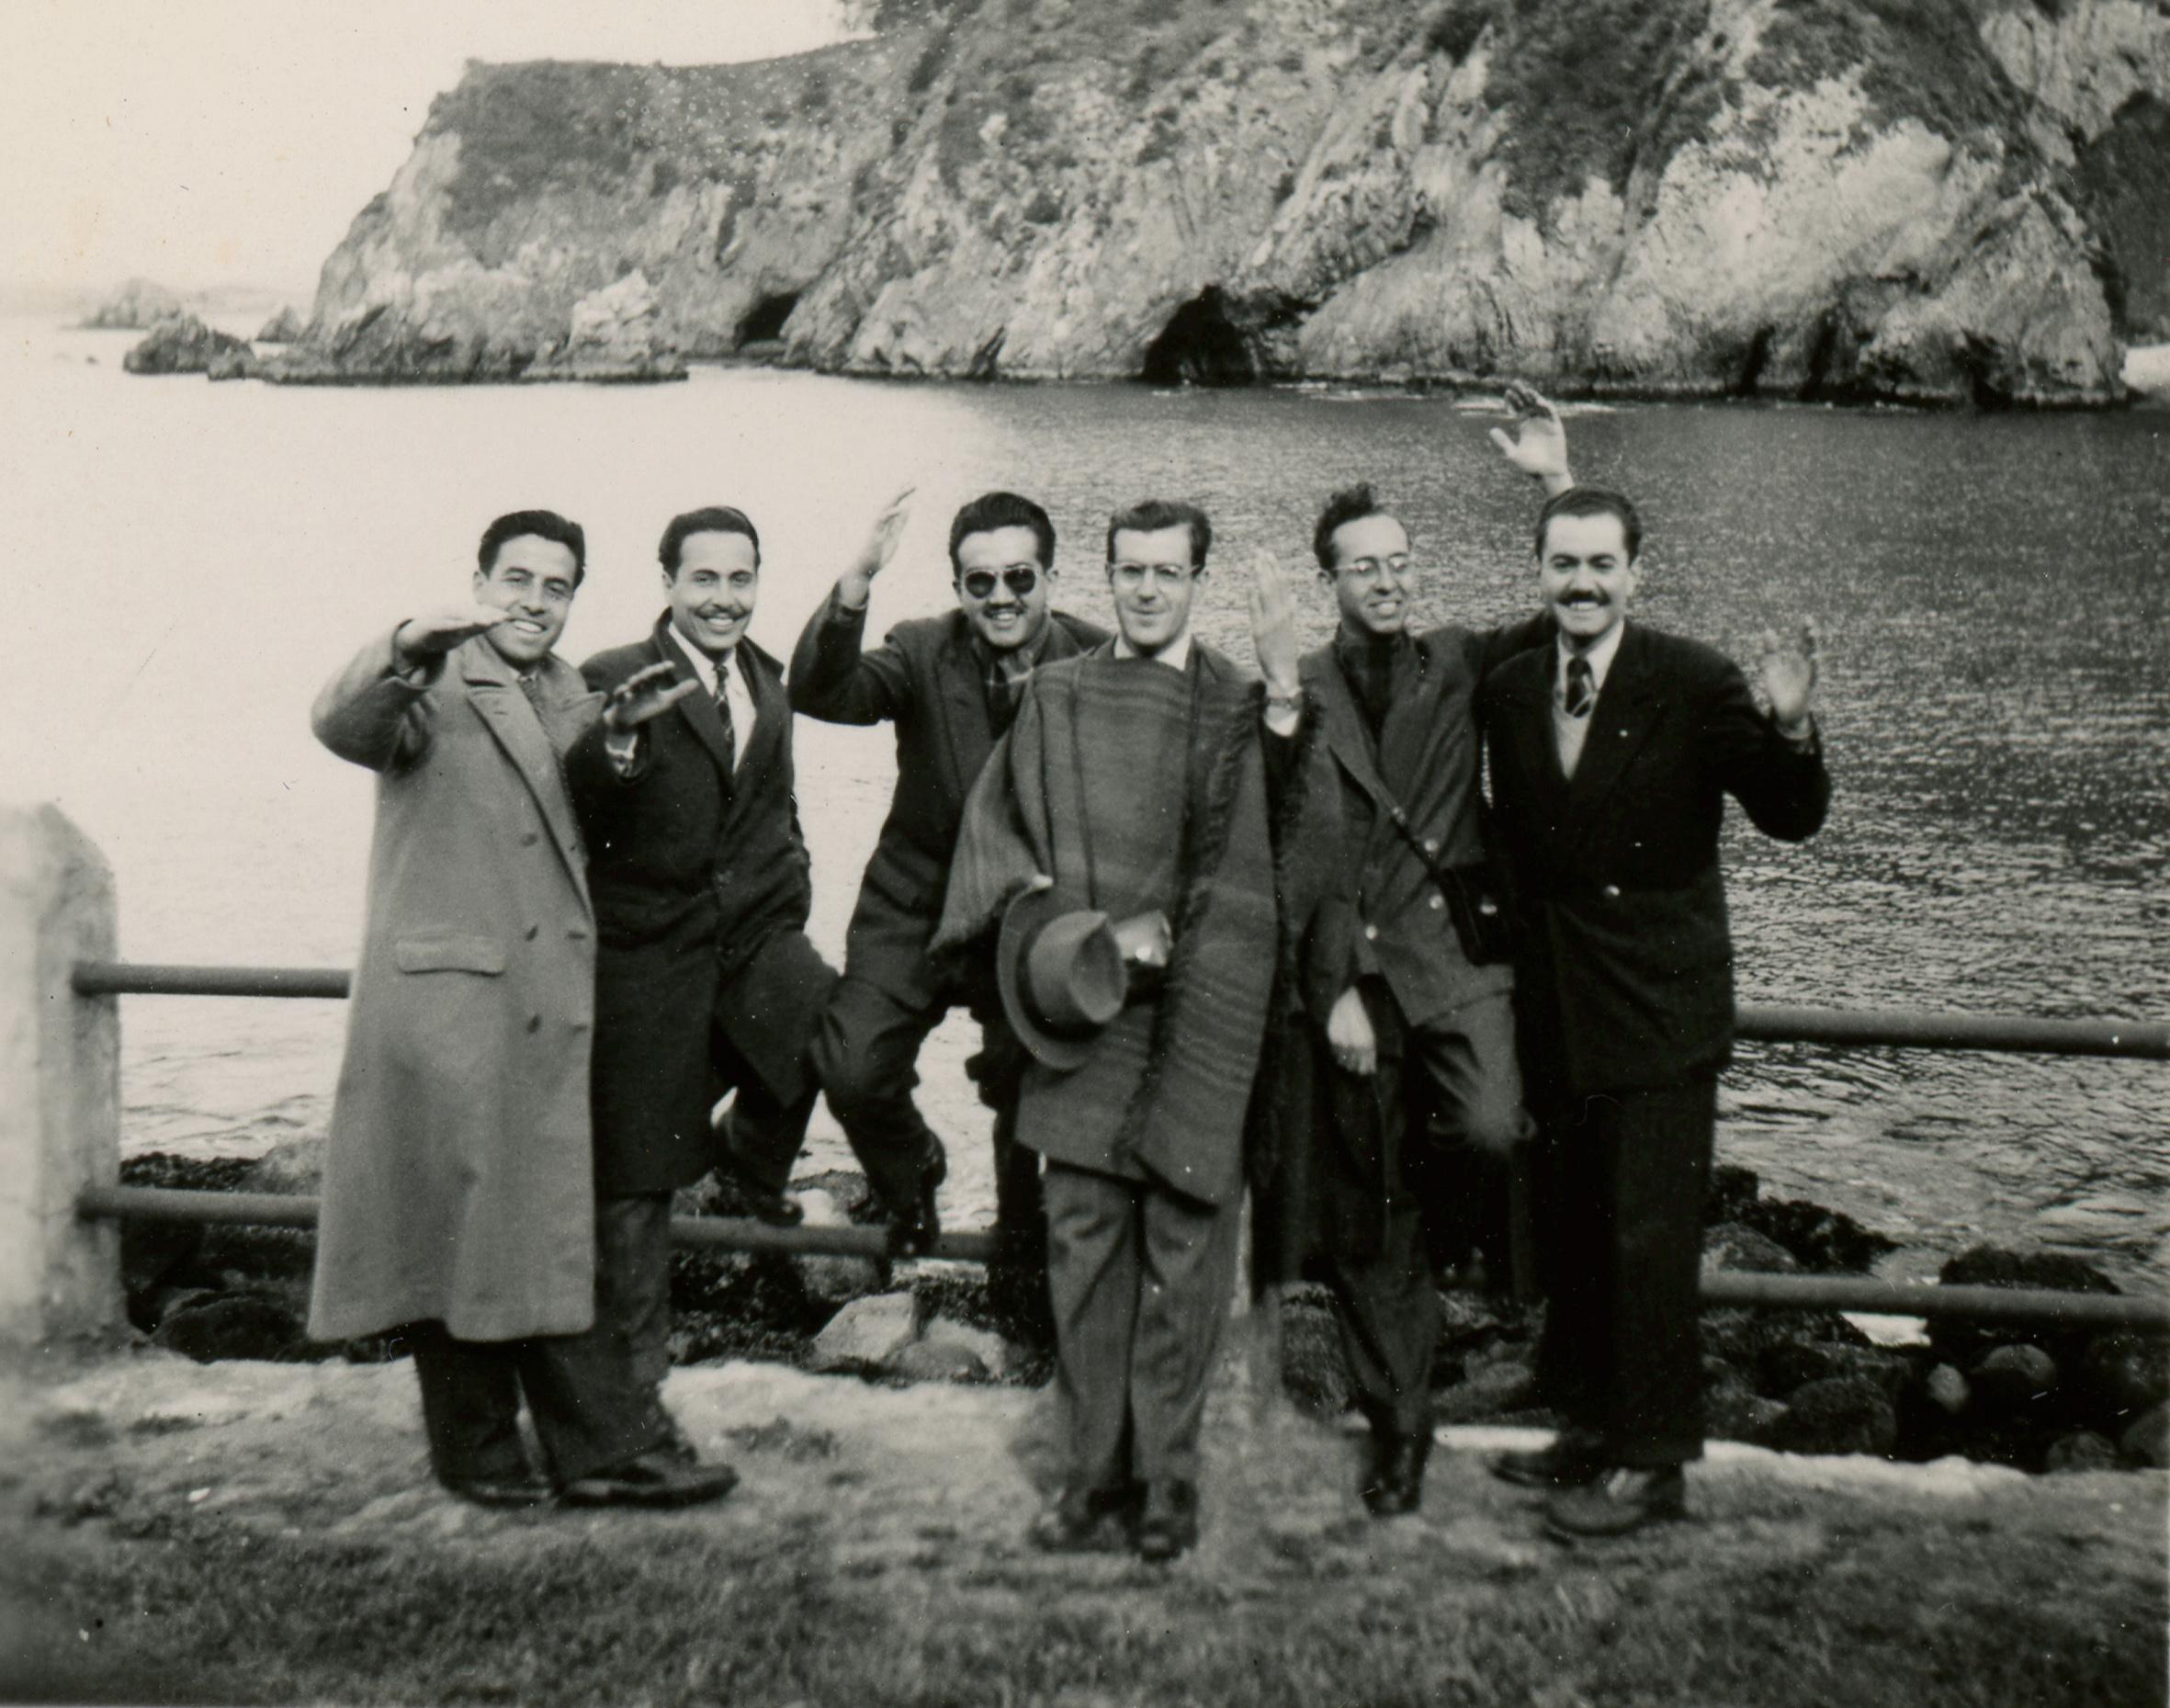 Enterreno - Fotos históricas de chile - fotos antiguas de Chile - Jóvenes en la Playa Ramuntcho en 1949